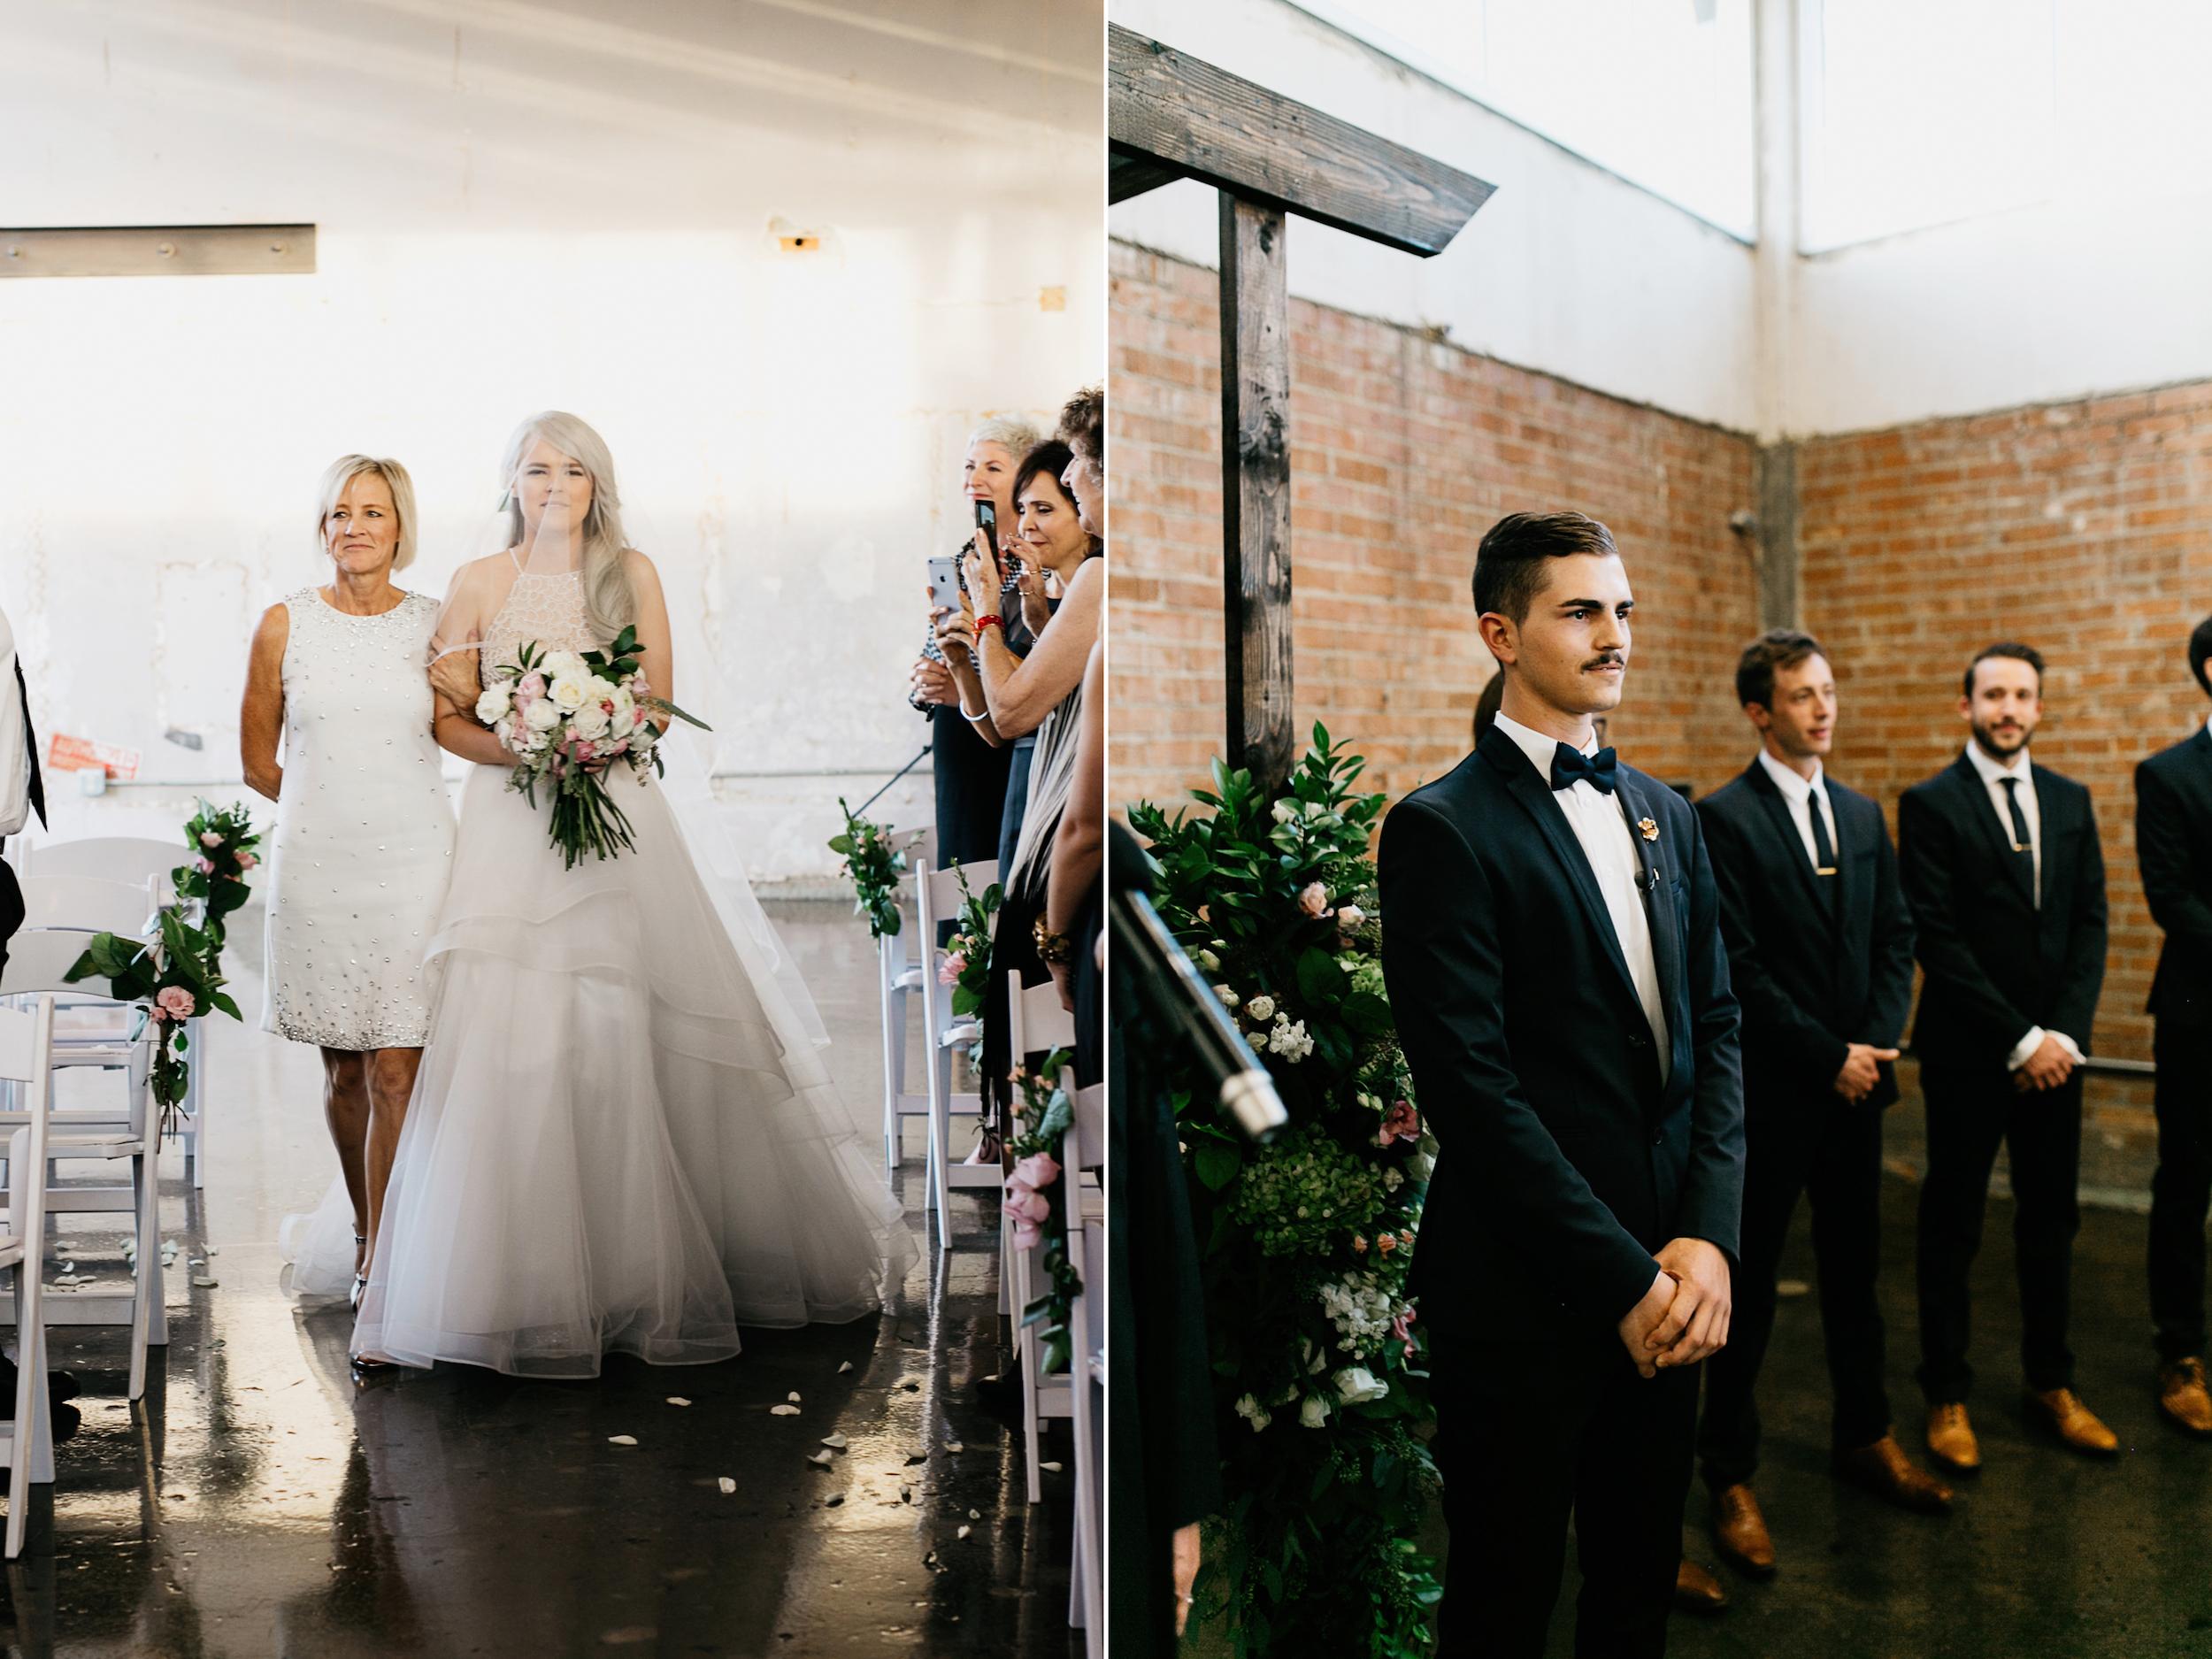 arizona - wedding - photography 00016.jpg